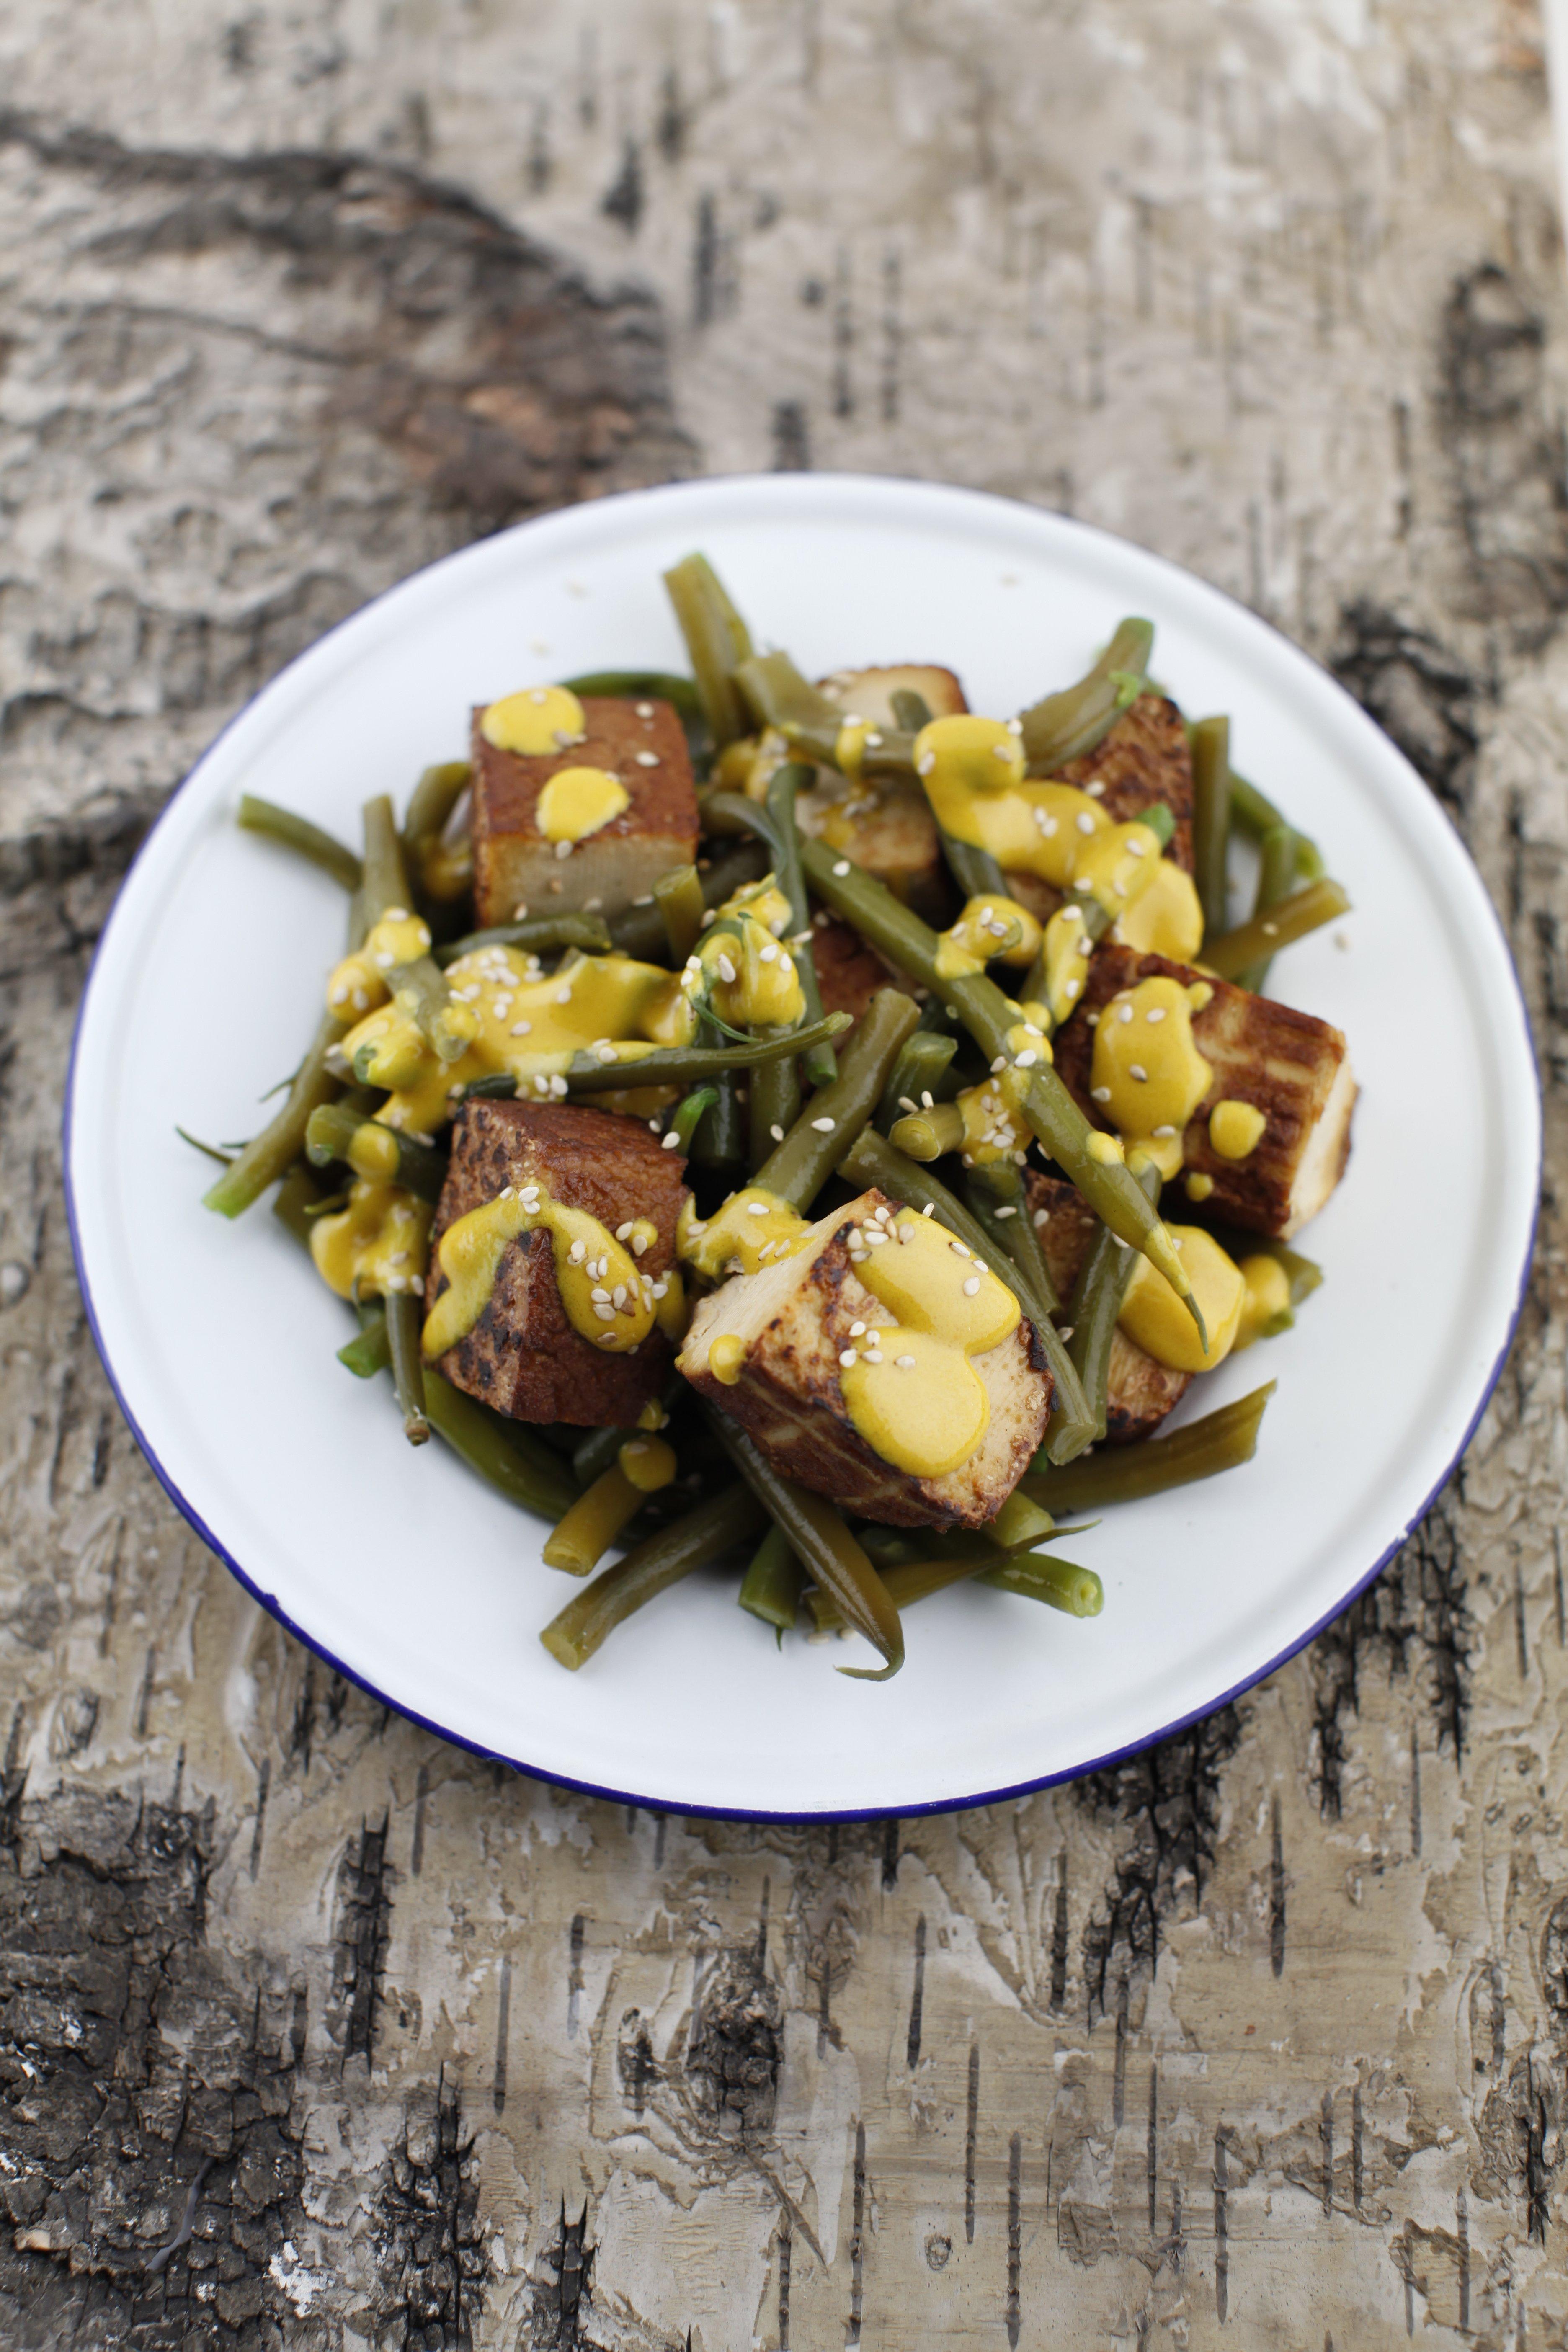 pici-e-castagne-insalata-di-tofu-con-fagiolini-3_0